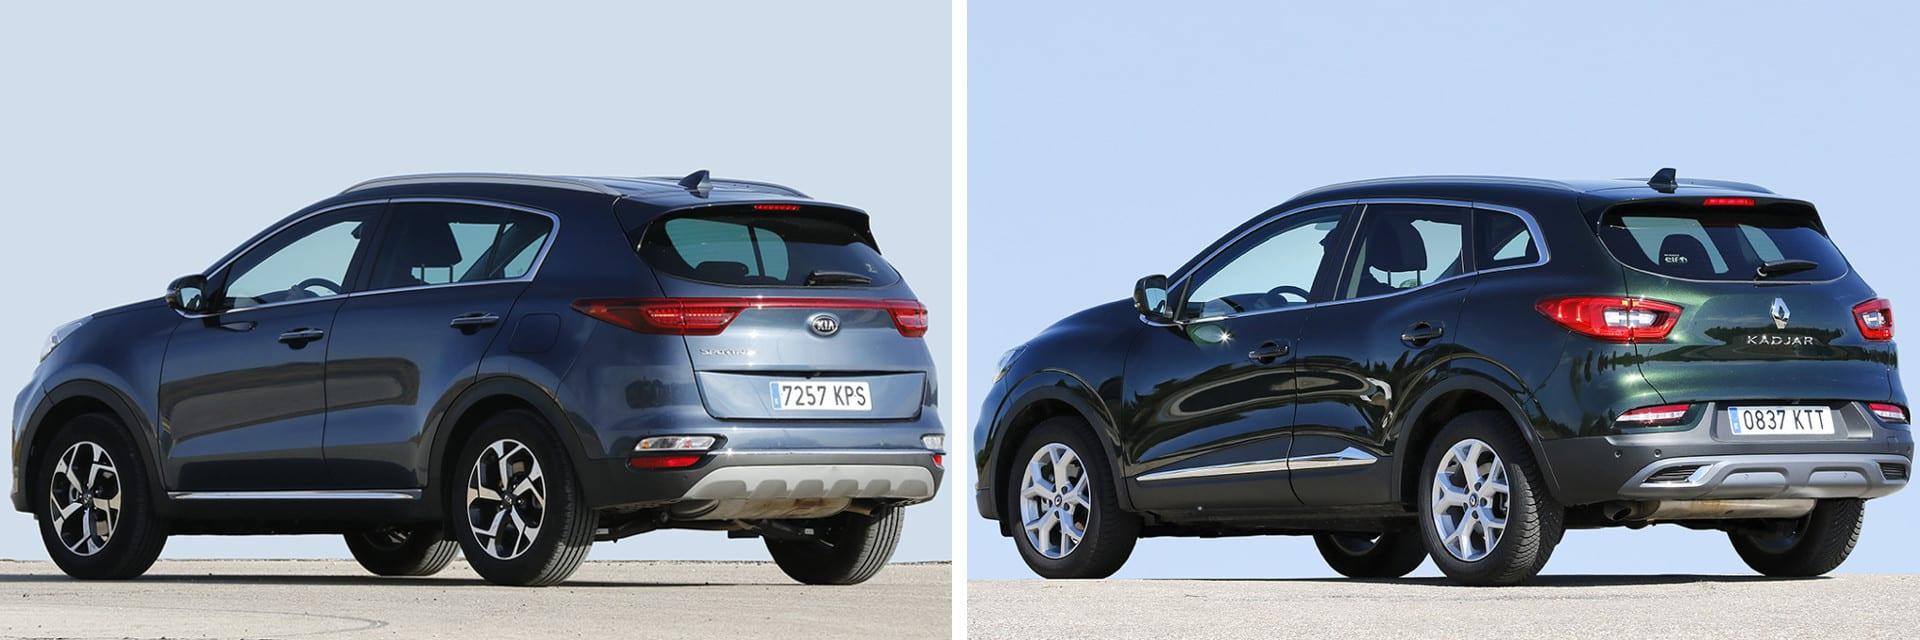 Las fotos del Kia Sportage corresponden al acabado Emotion y las del Renault Kadjar al Zen. / km77